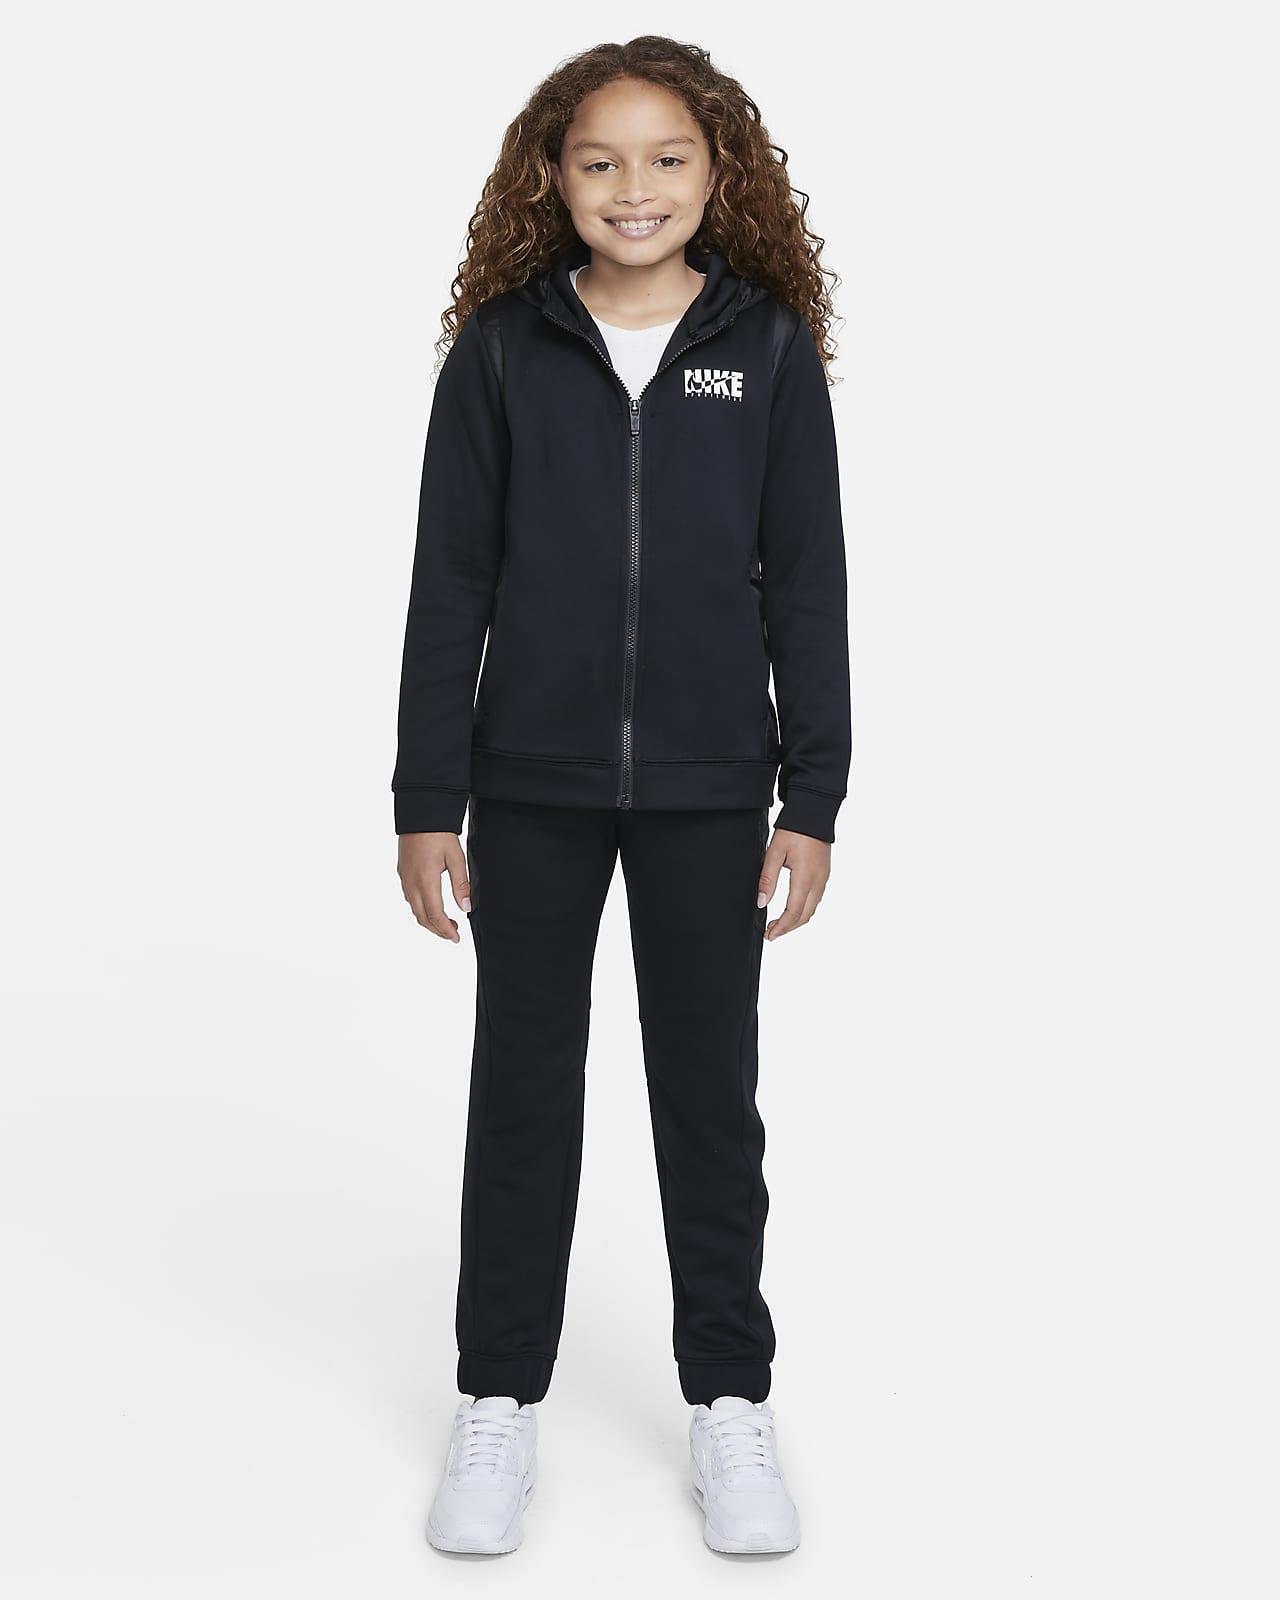 Nike Sportswear Older Kids' Tracksuit